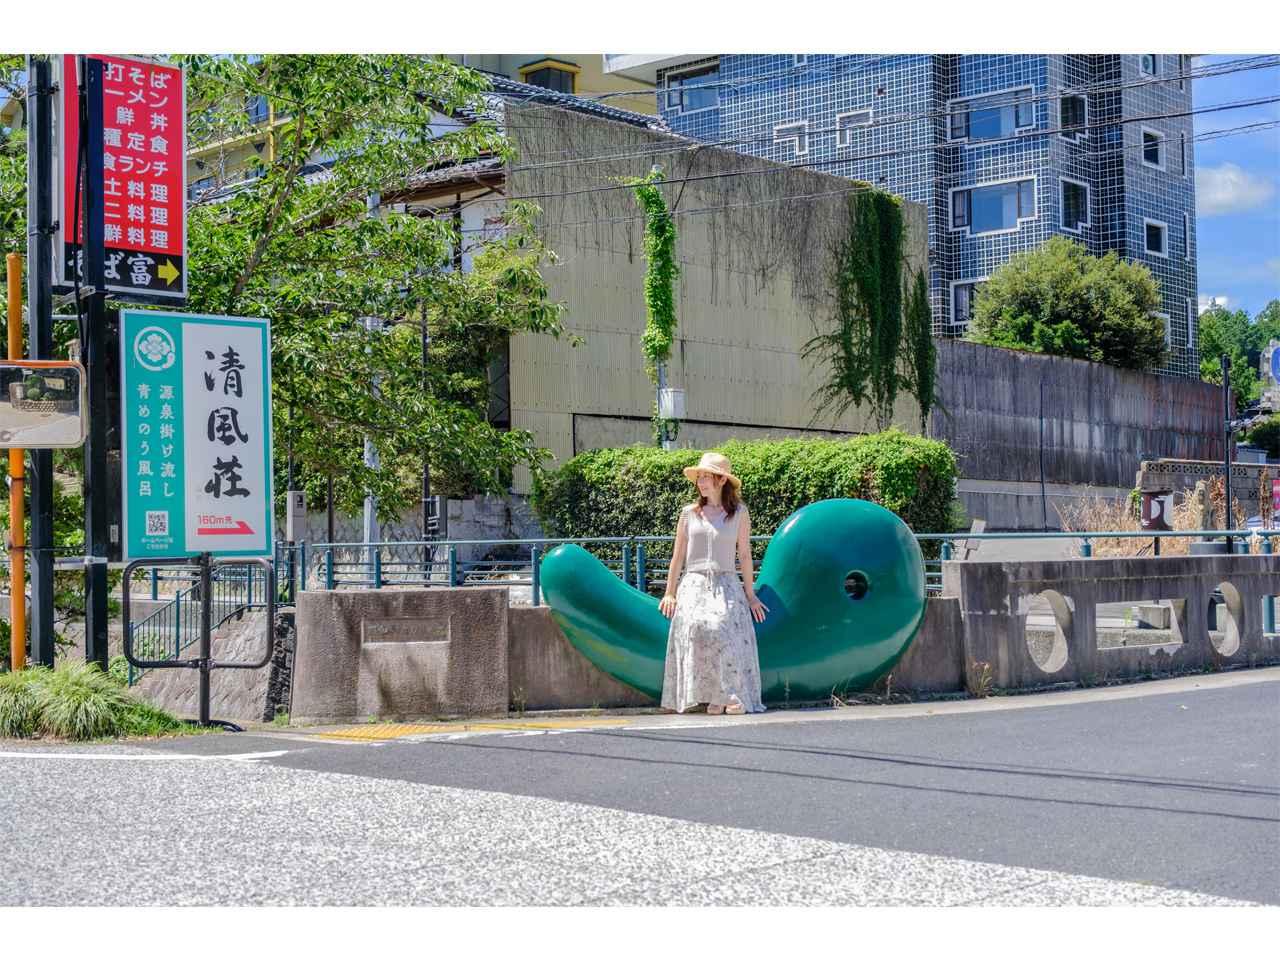 画像: 青めのうの勾玉をモチーフにした「まがたま橋」。